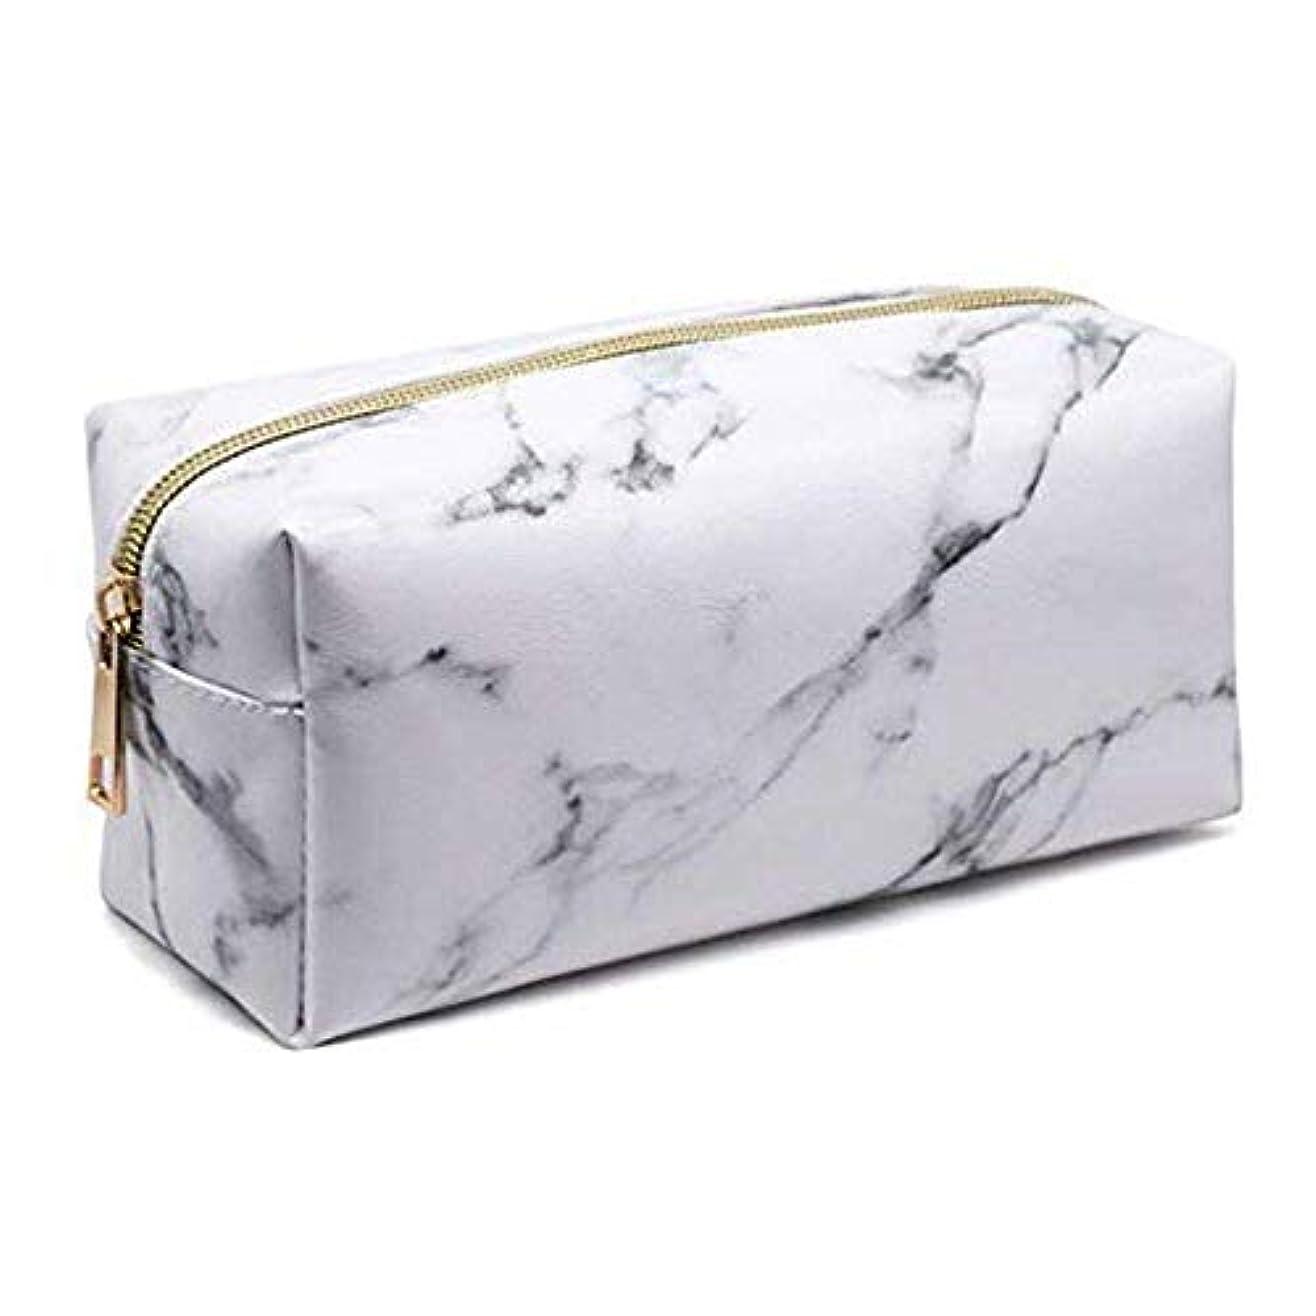 文房具賭け艦隊Pichidr-JP 化粧品袋化粧品袋ゴールドジッパー旅行ウォッシュバッグ化粧品収納袋付き屋外